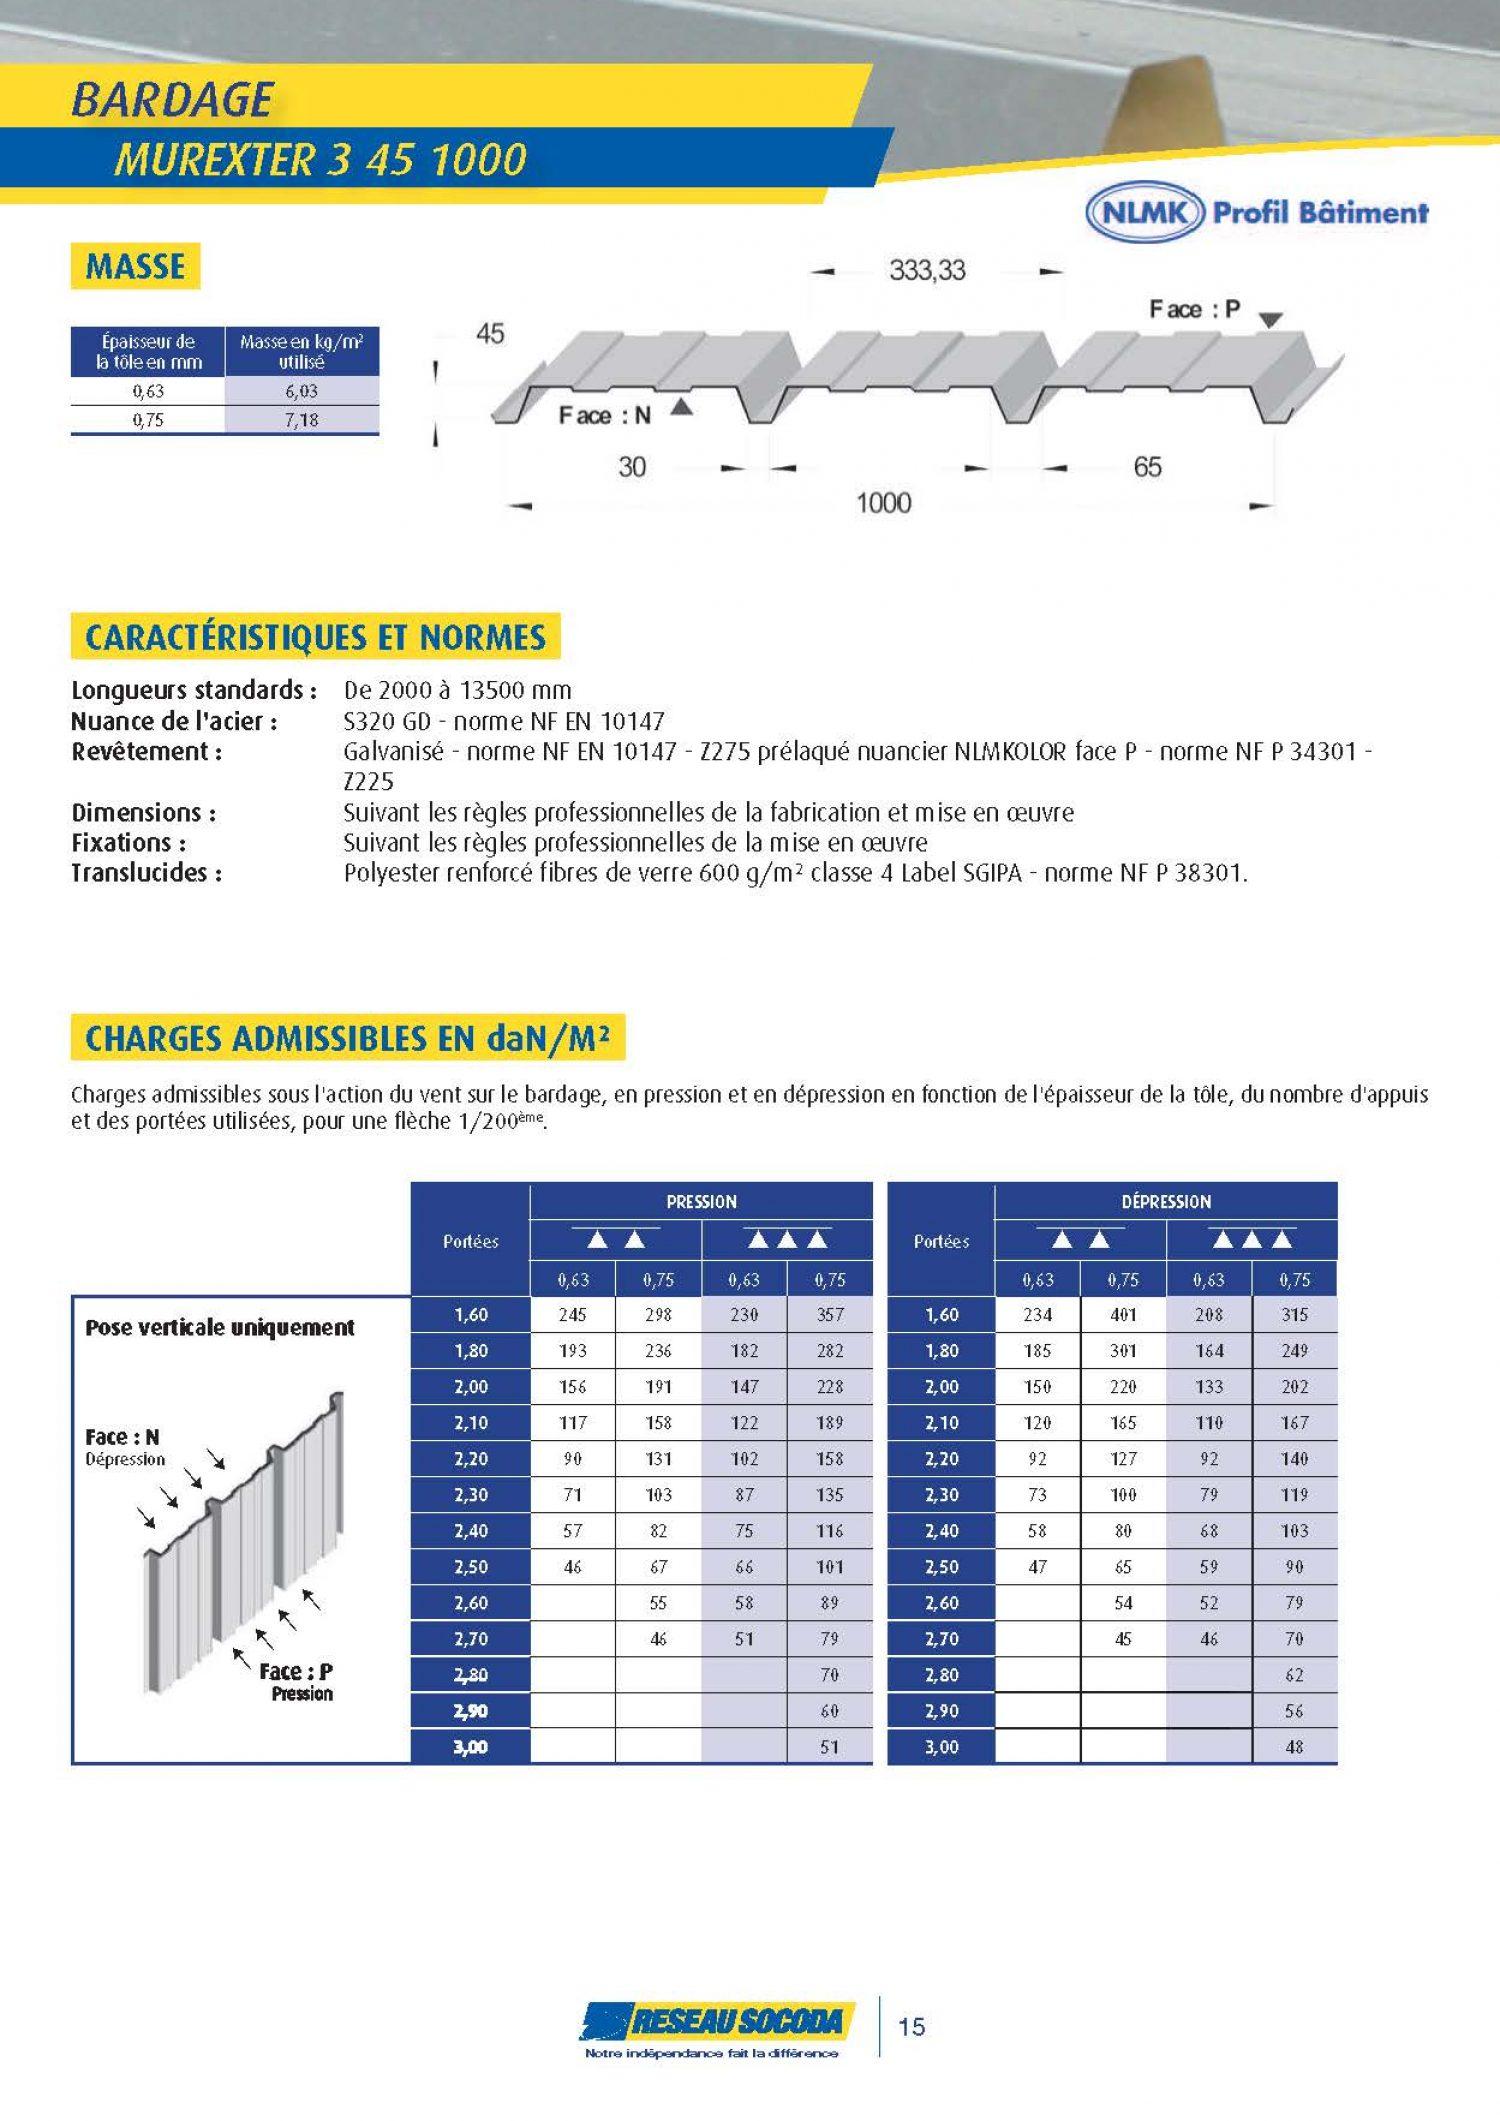 GERMOND_2014 PROFIL BATIMENT_20140324-184231_Page_15